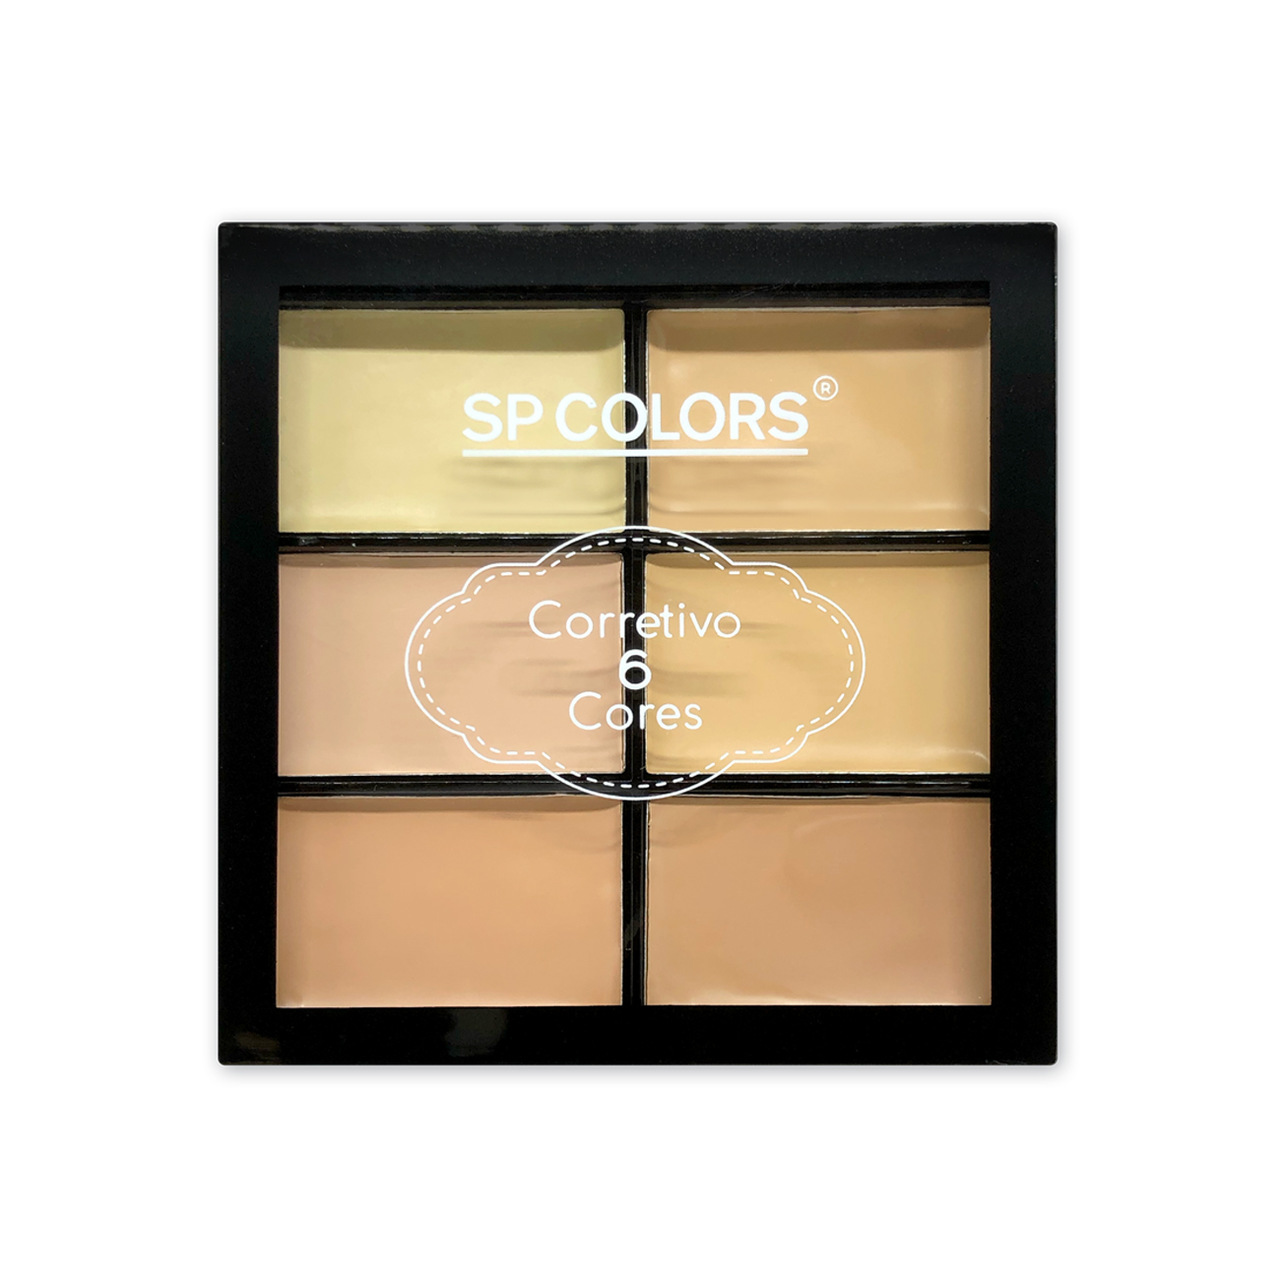 Paleta de Corretivo 6 Cores SP Colors Versão Única